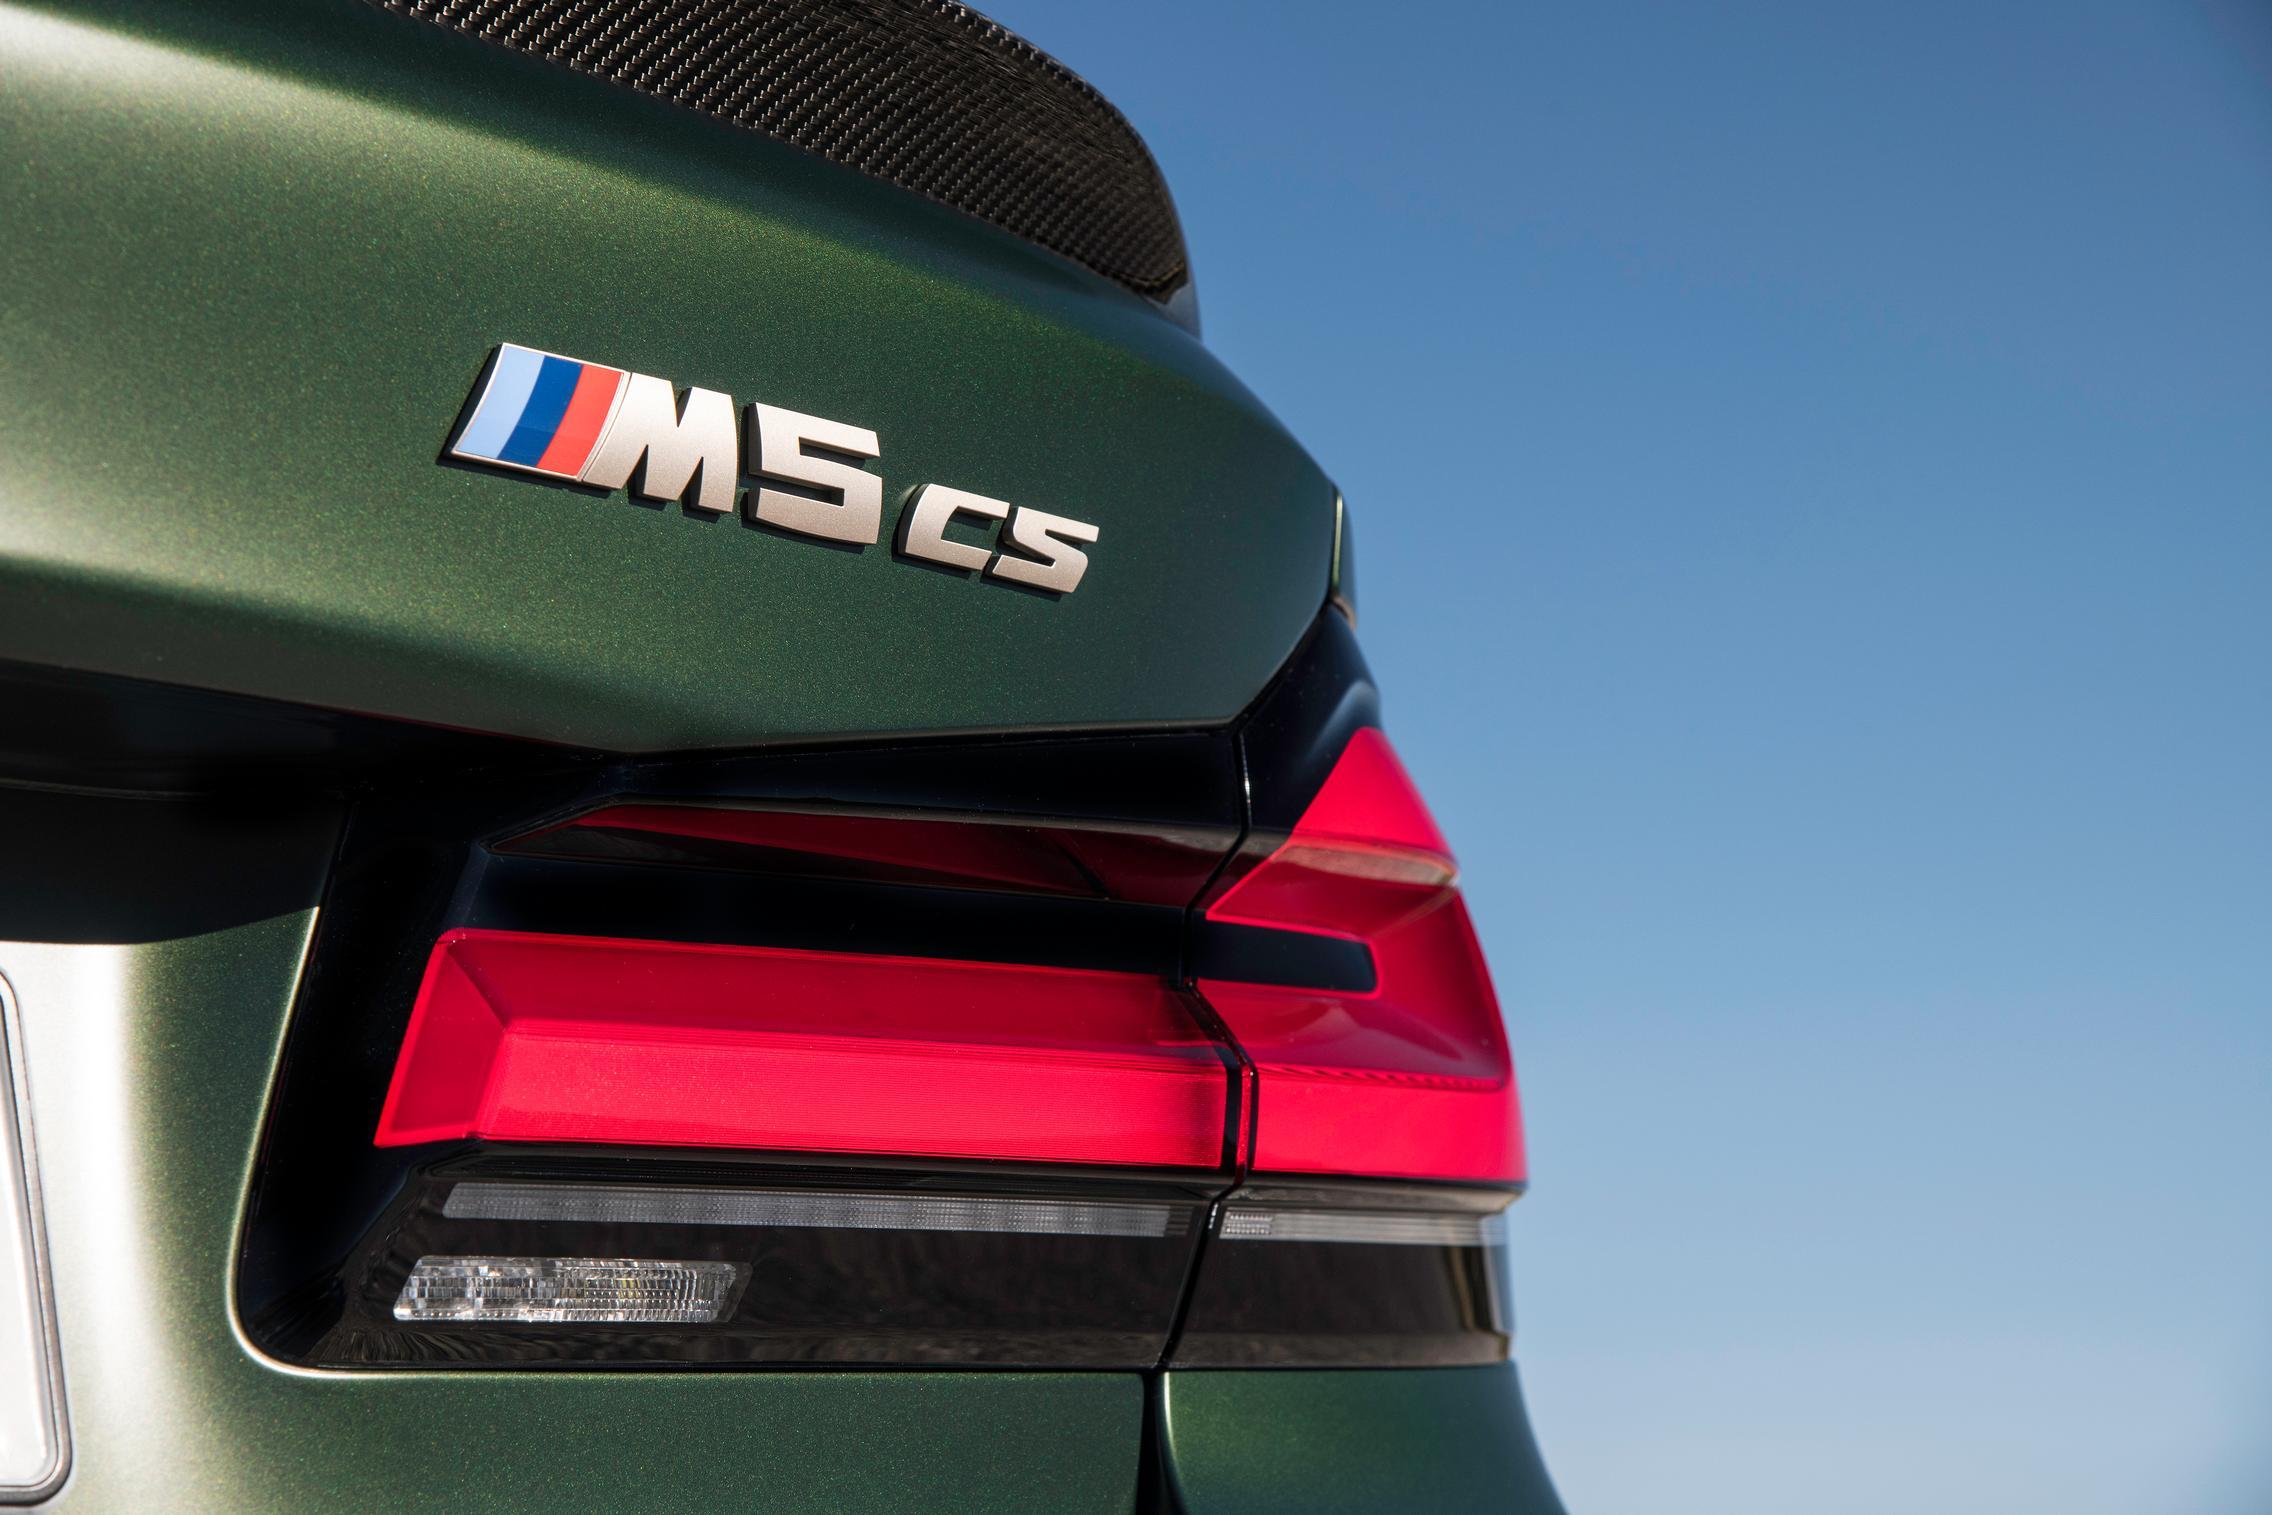 M5 CS rear badge